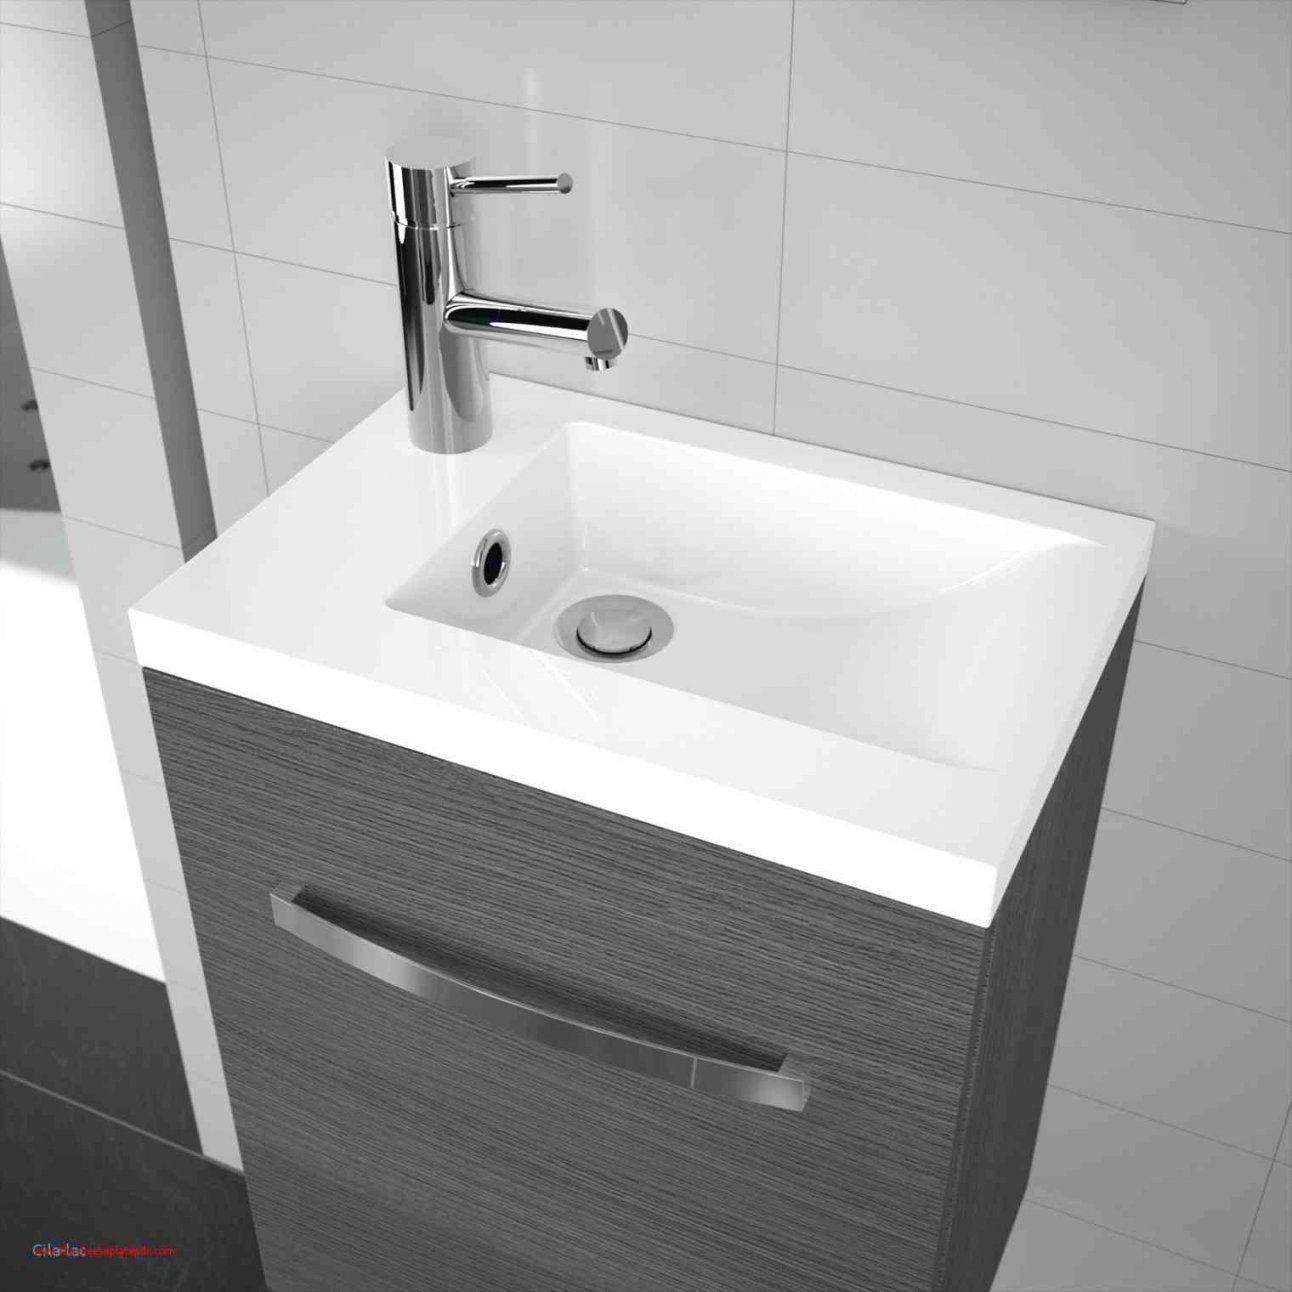 Nowadays Gäste Wc Waschbecken Mit Unterschrank Und Spiegel Sure von Villeroy Boch Gäste Wc Bild